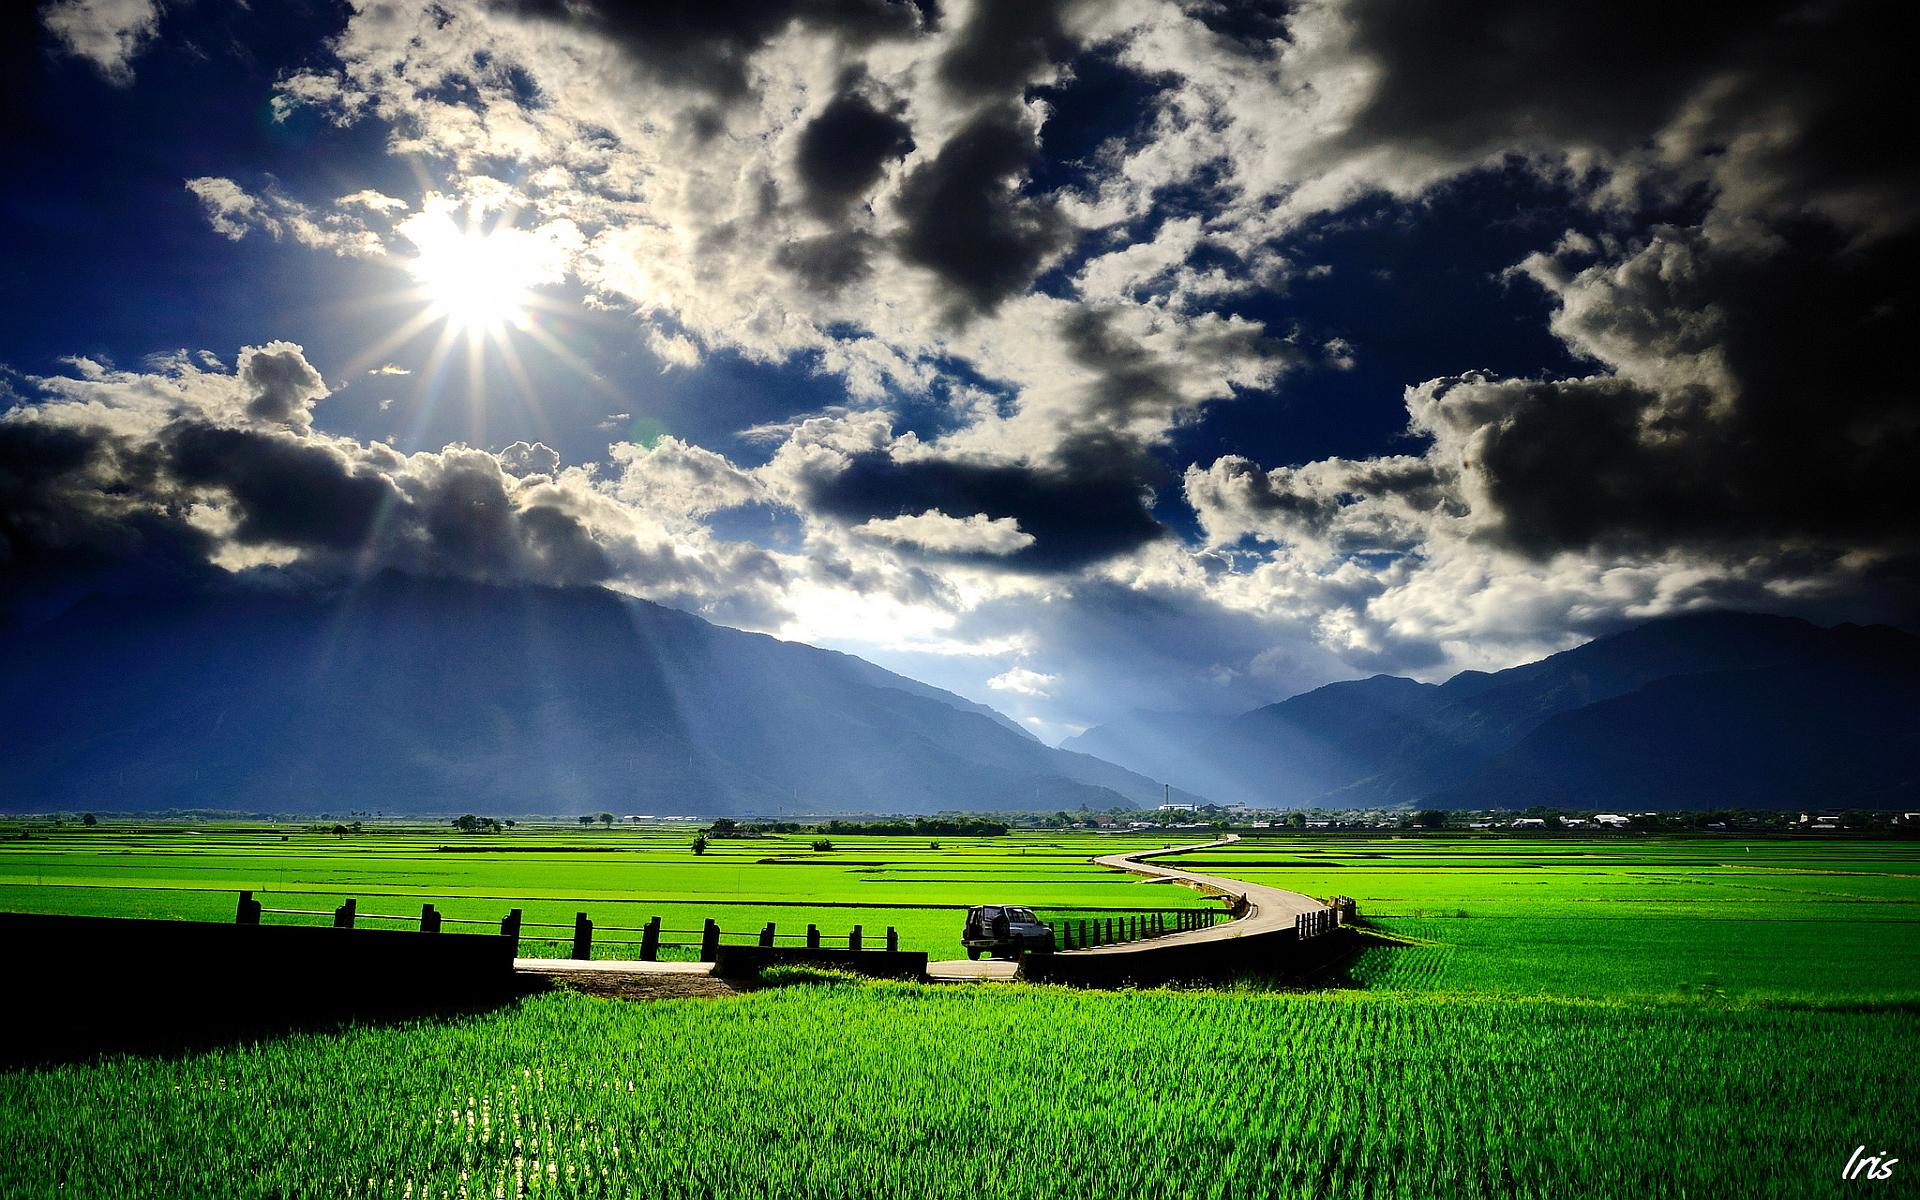 Paddy field scenery